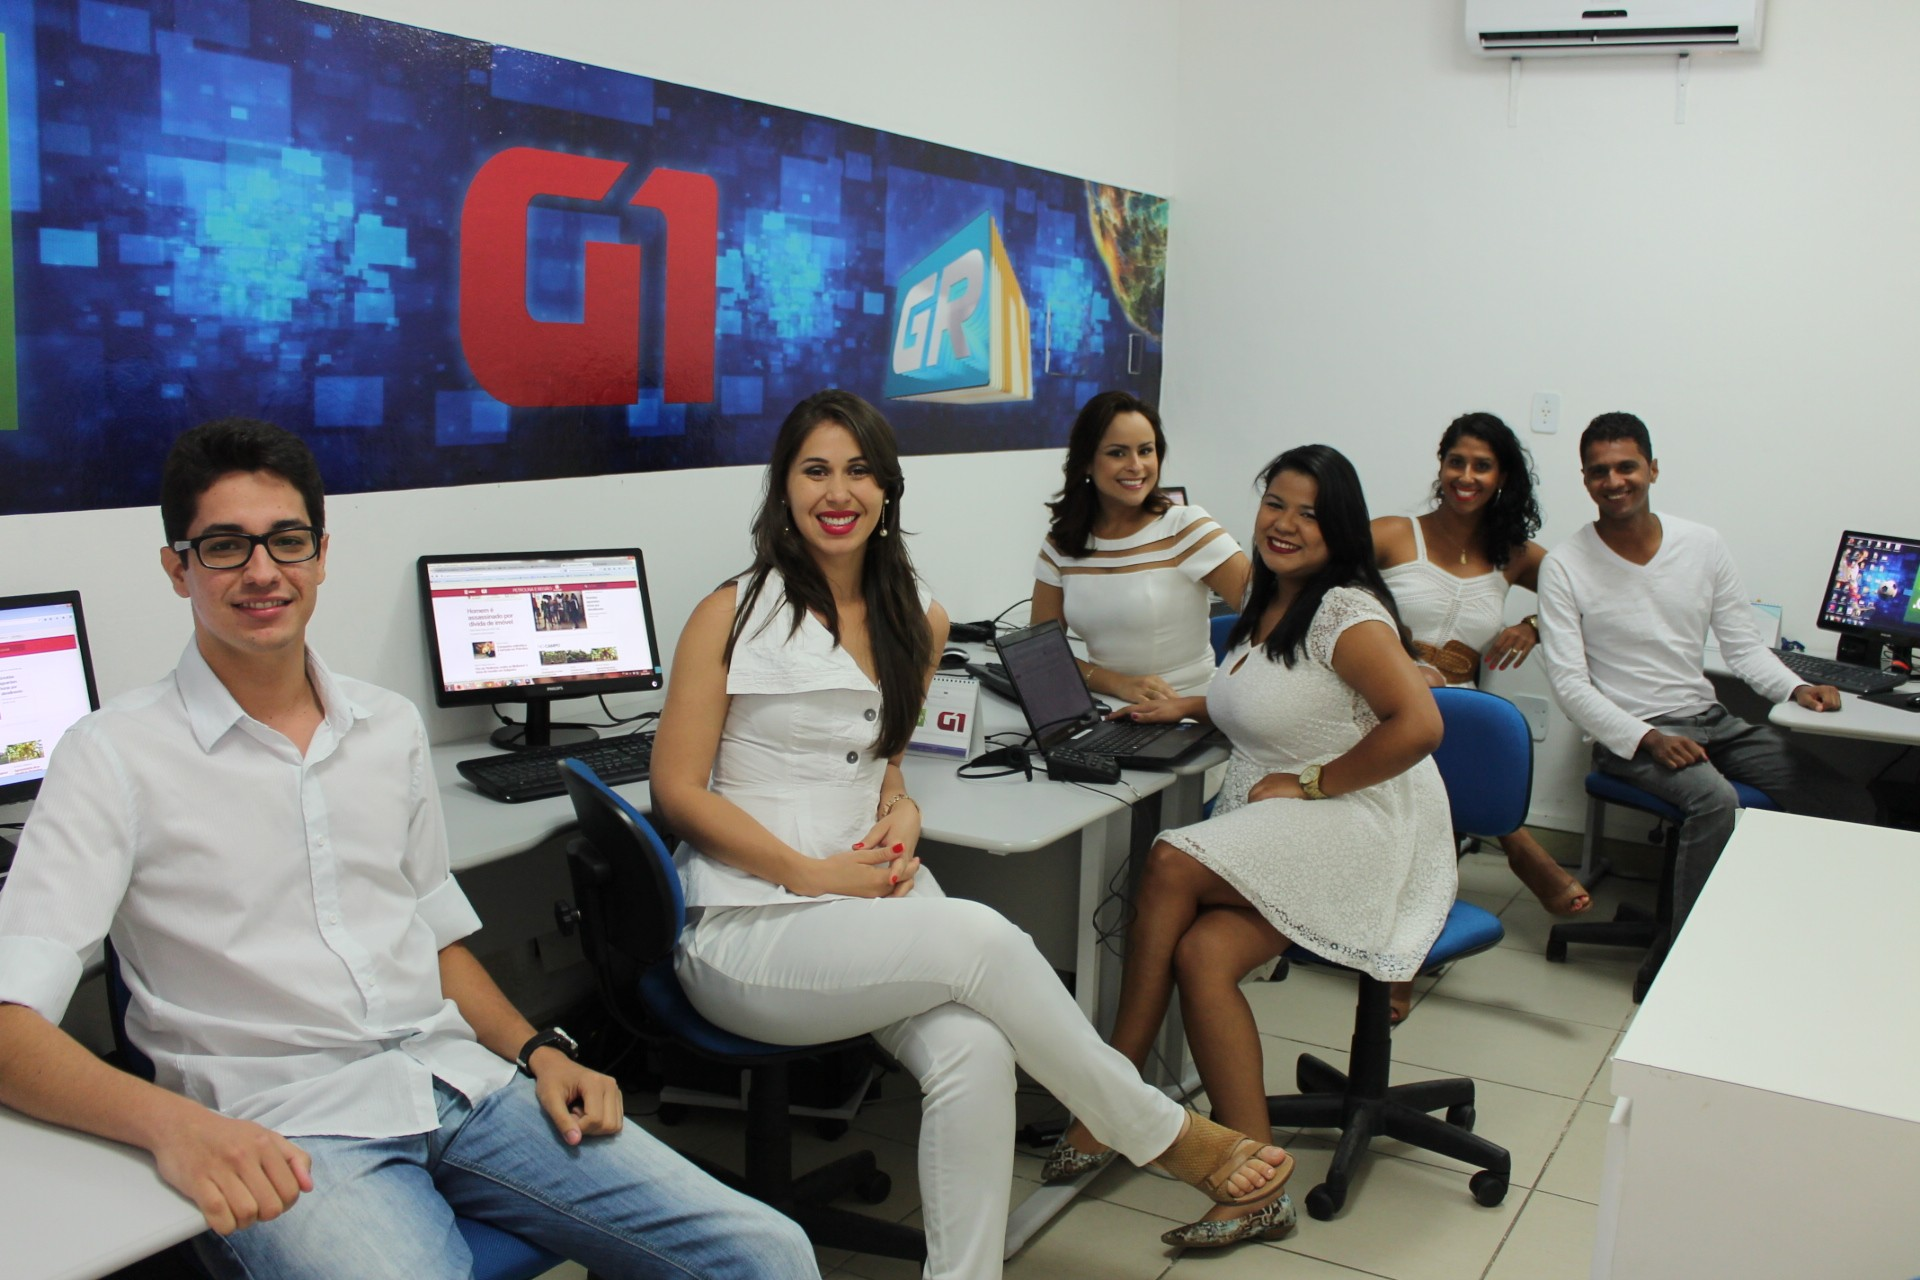 Equipe de jornalismo dos portais da TV Grande Rio gravam mensagem de final de ano (Foto: Gabriela Canário)